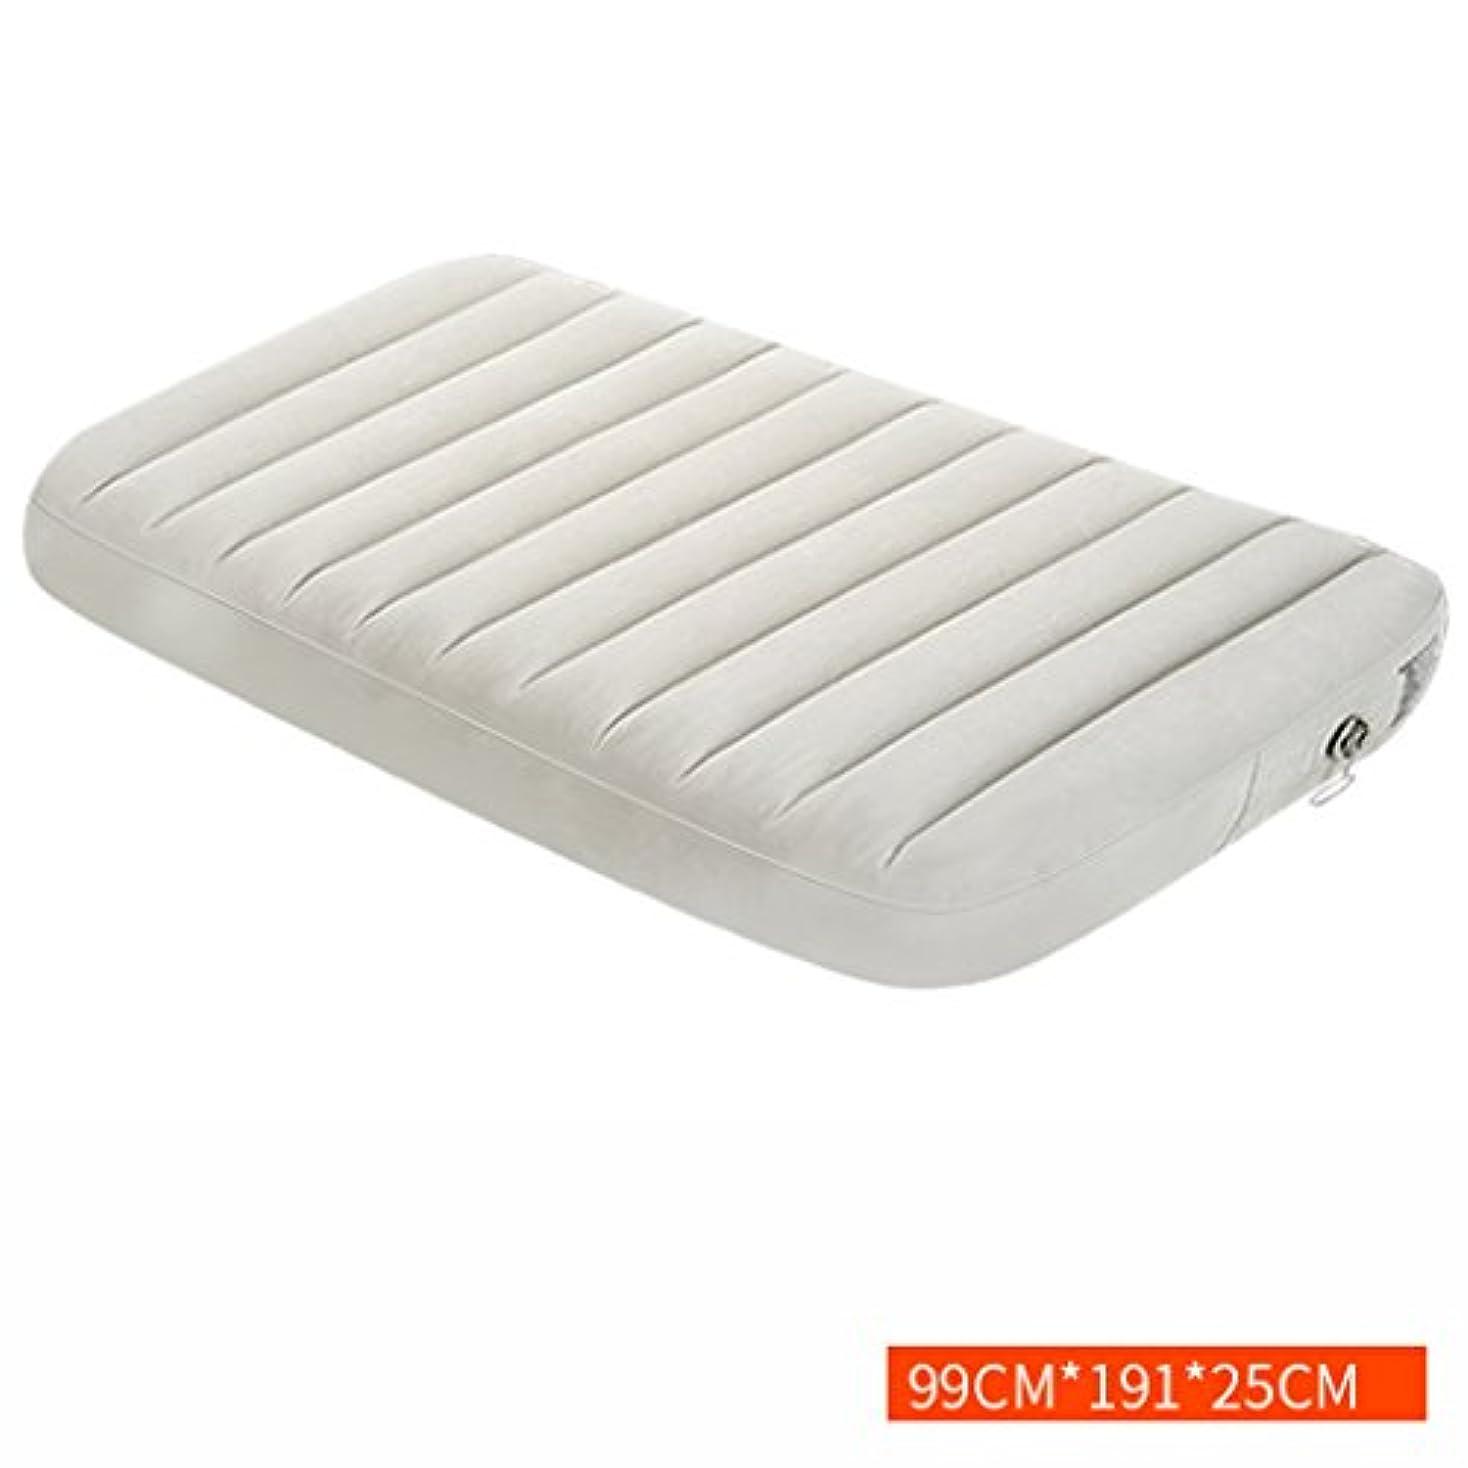 パイル控えめな拮抗ベッド、怠惰なインフレータブル折りたたみポータブルエアクッション家庭用屋外マットレス (サイズ さいず : 99*191*25cm)